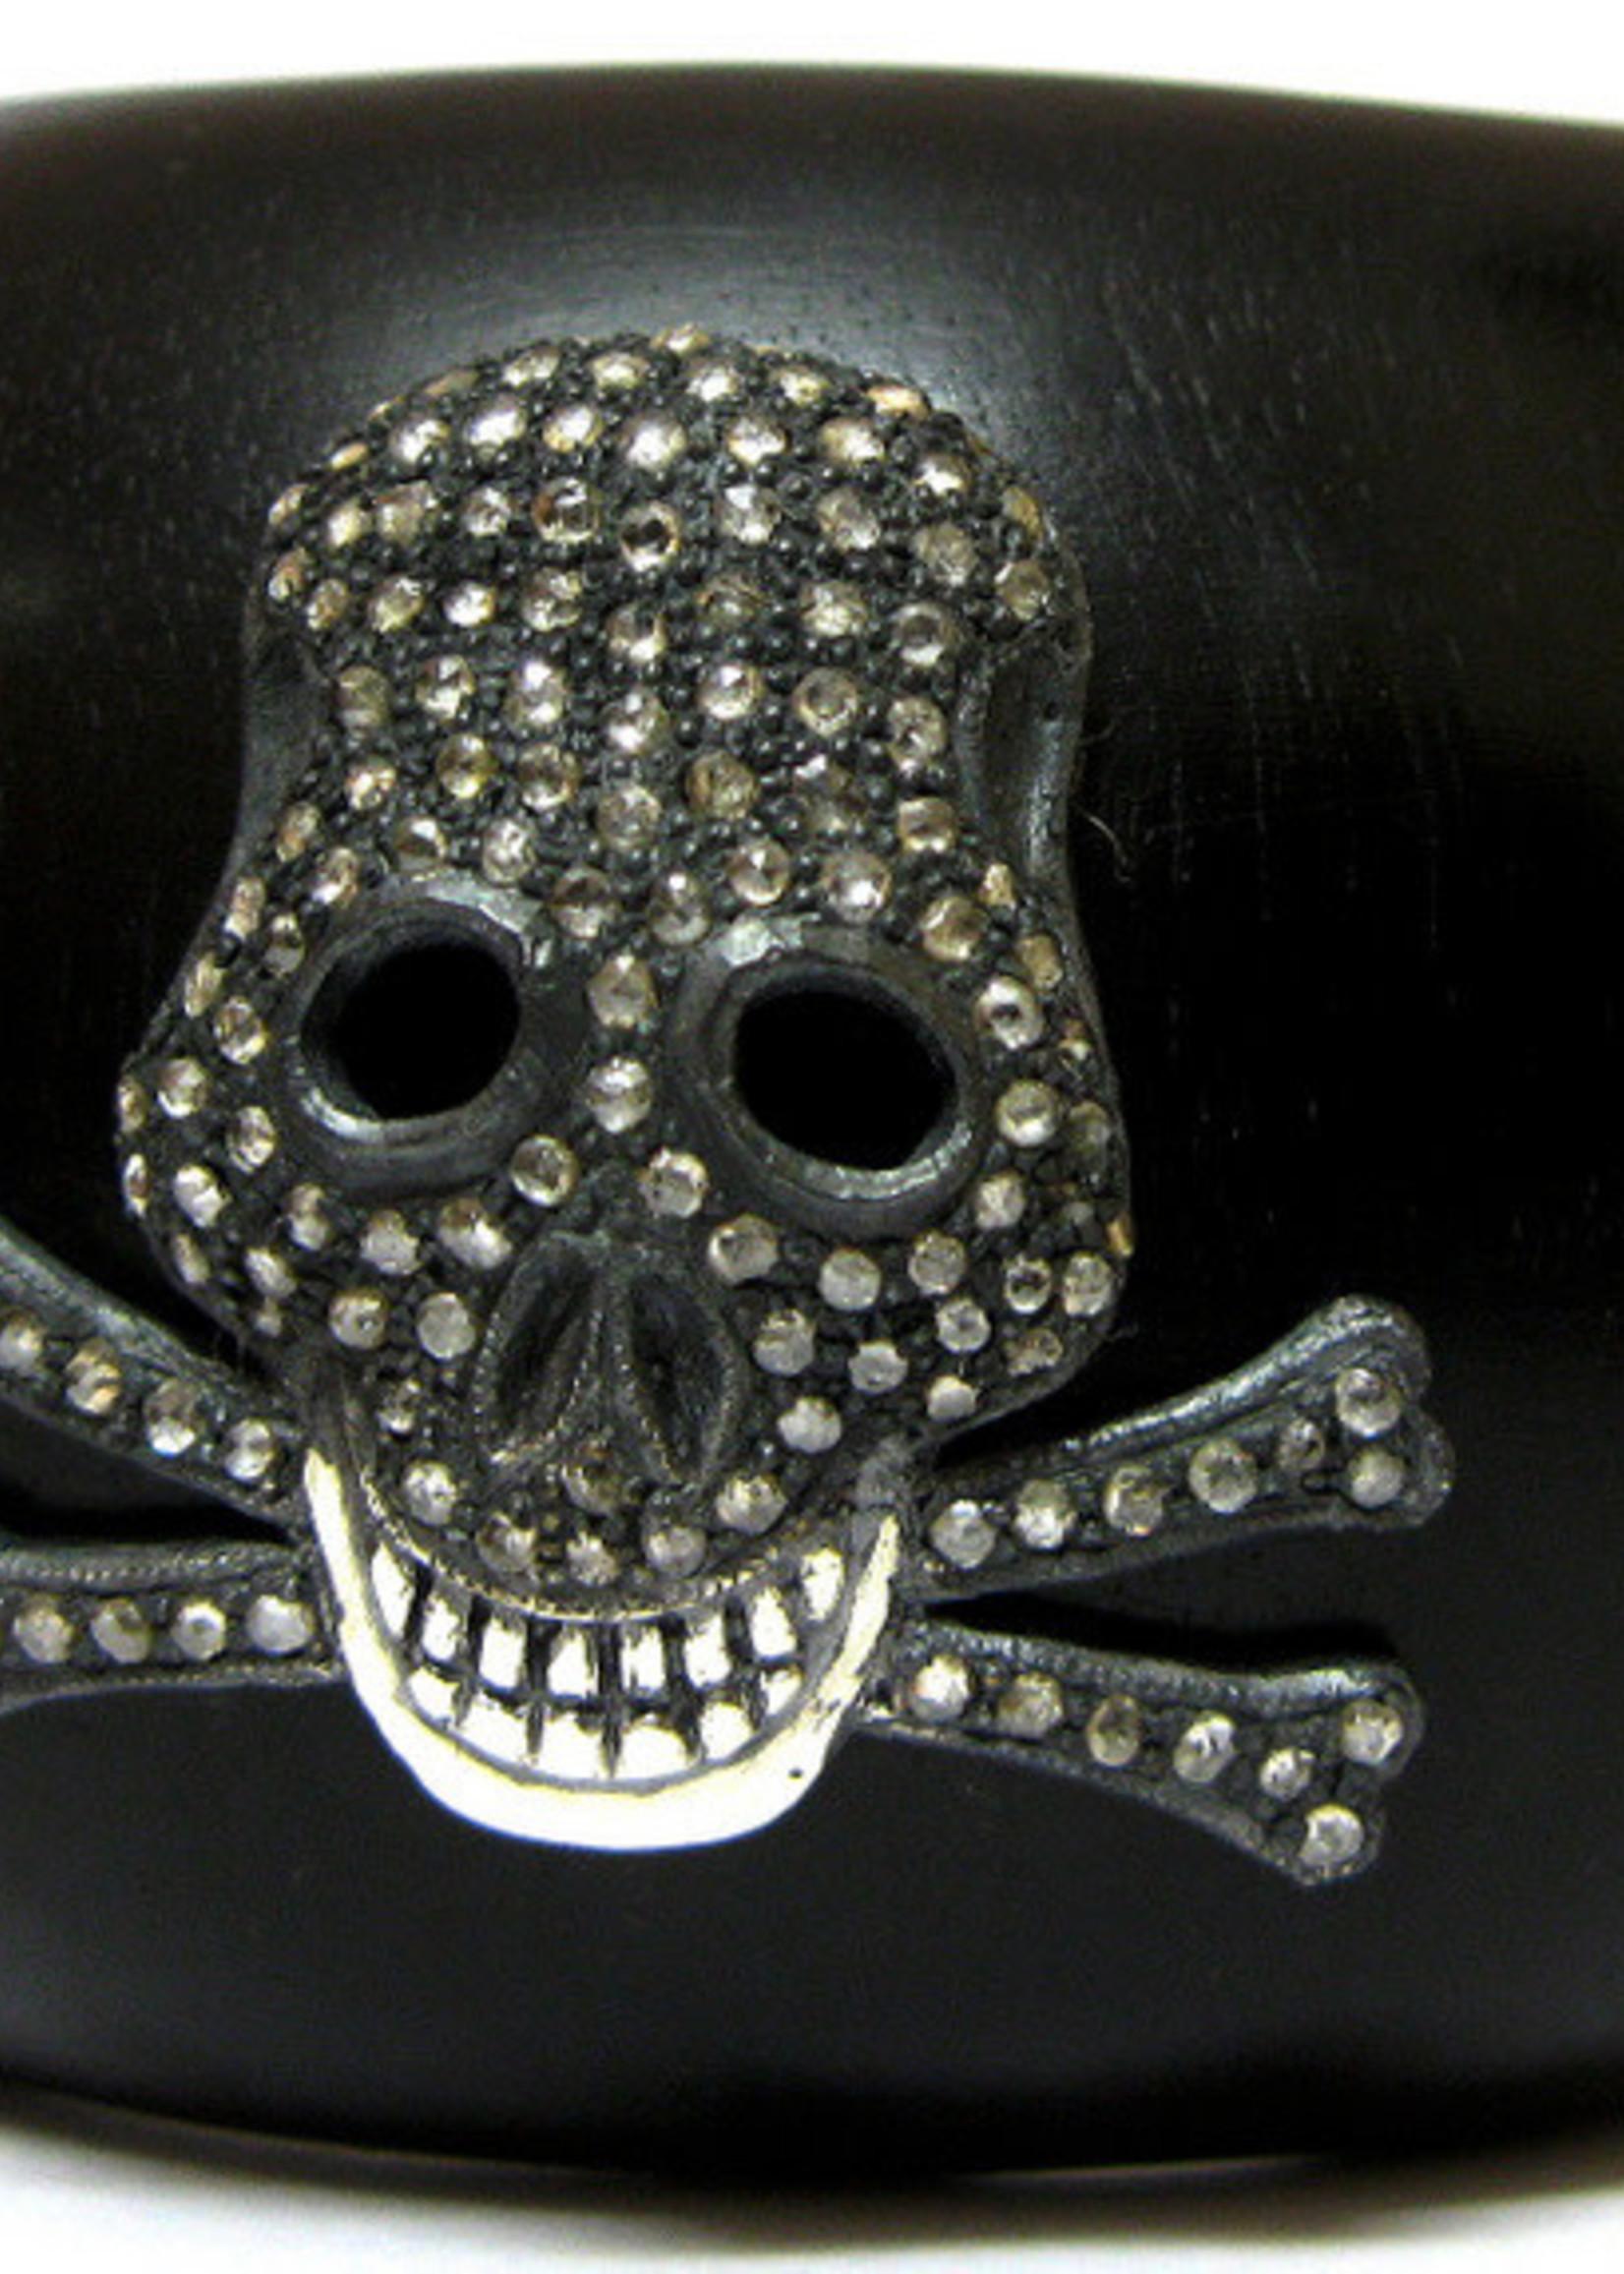 Mina Danielle Ebony and Diamond Skull Cuff